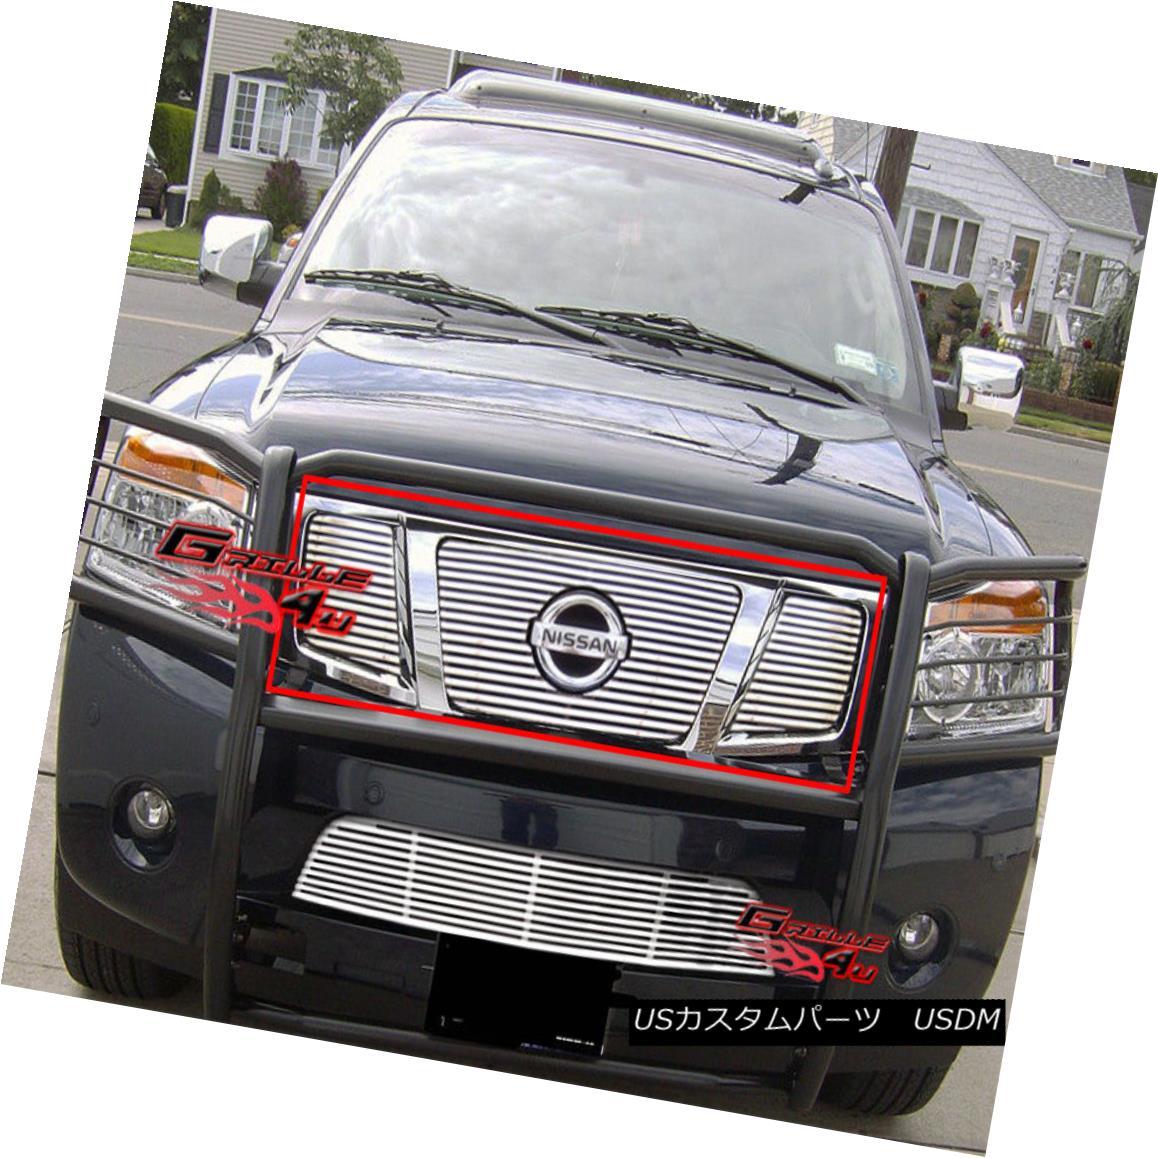 グリル Fits 2008-2015 Nissan Armada Perimeter Grille Insert フィット2008-2015日産アルマダペリメーターグリルインサート